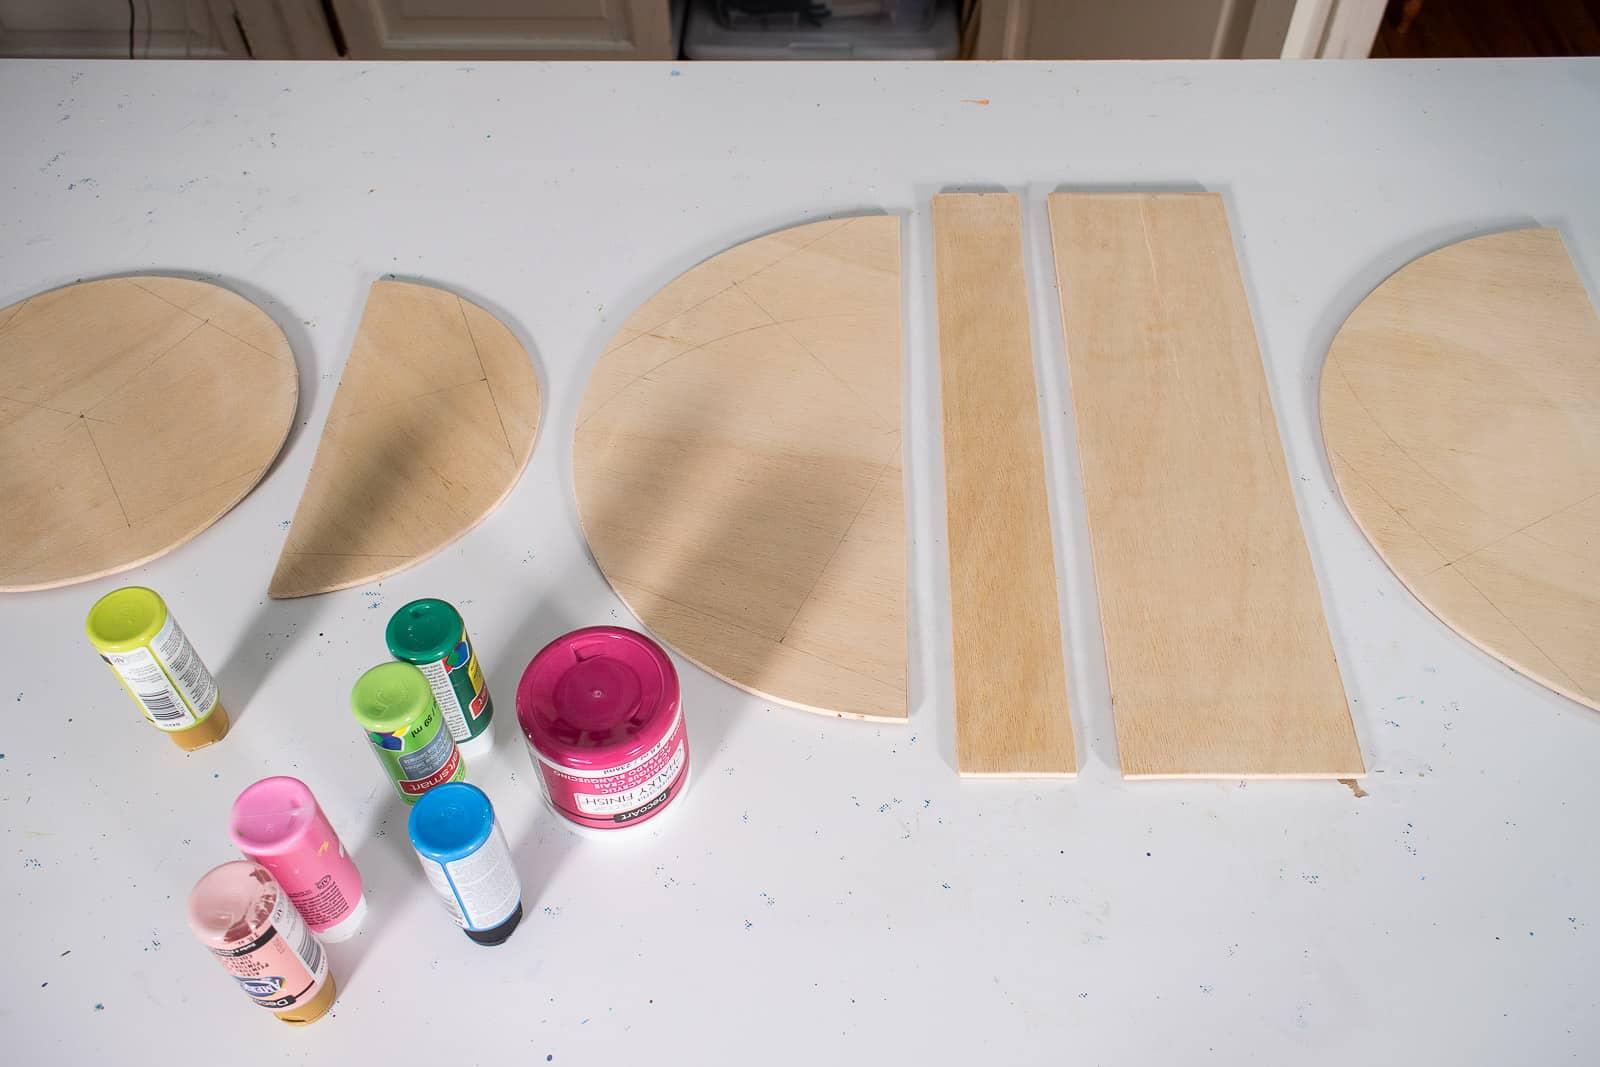 paint each wooden shape